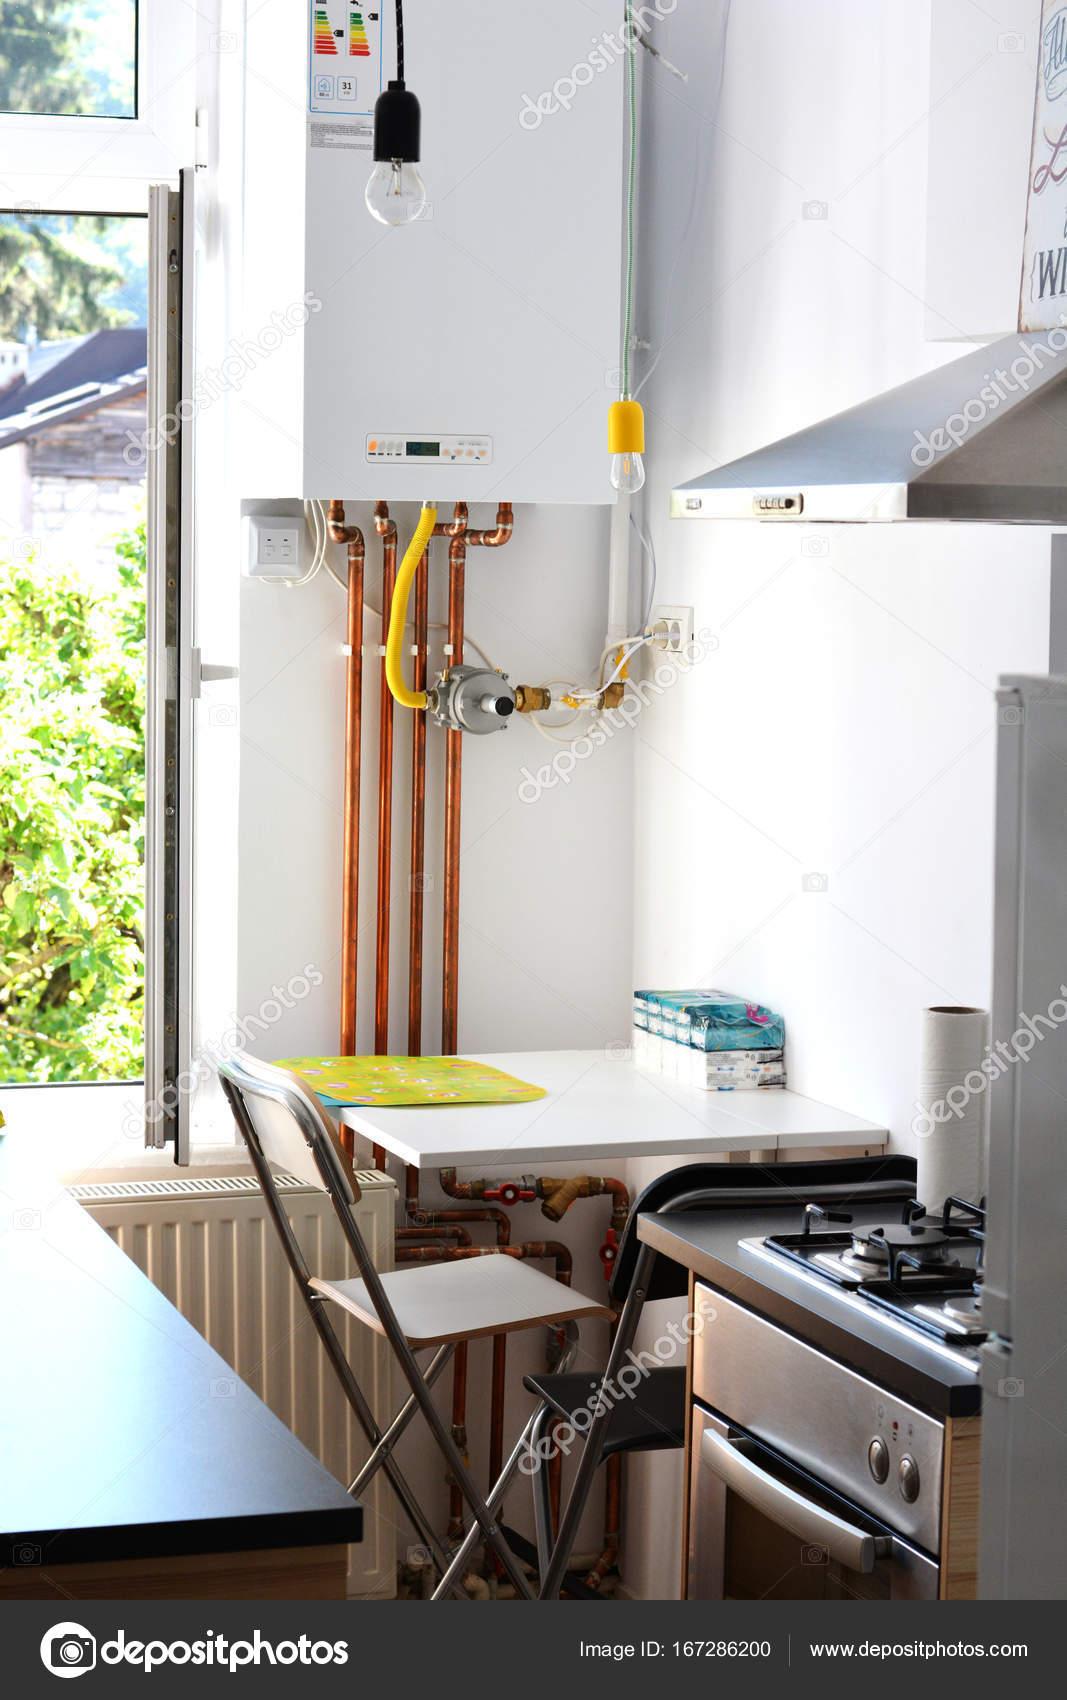 Caldera de gas interiores de la casa con tuber as de cobre - Tubo gas cucina lunghezza massima ...